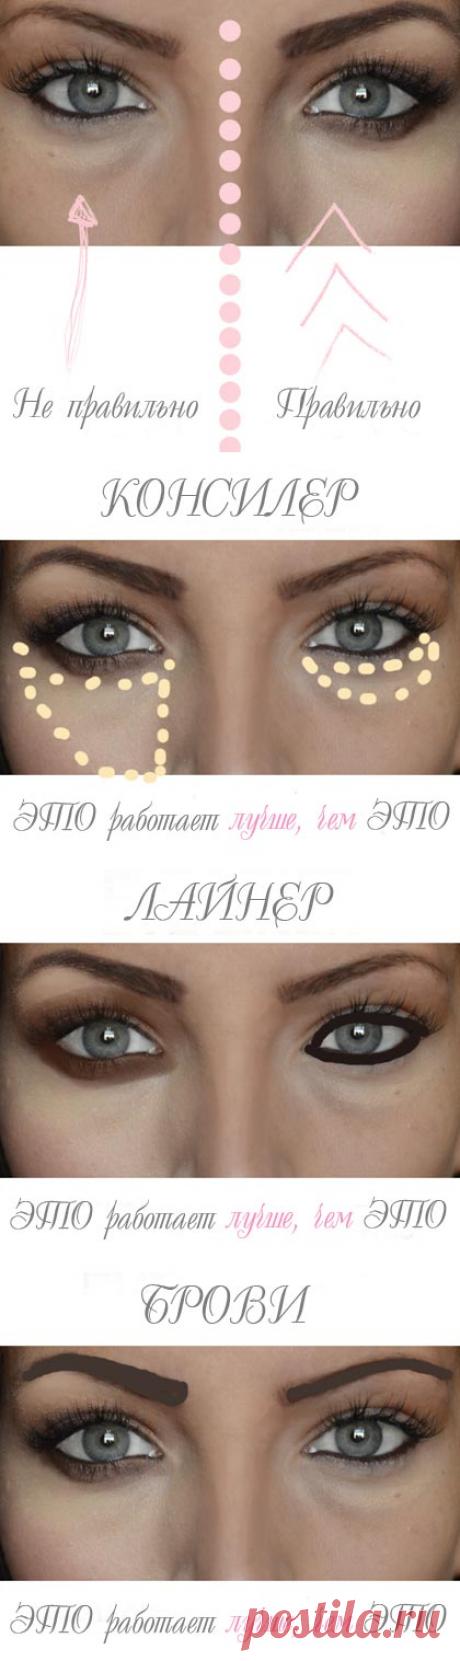 Как эффективно скрыть синяки под глазами